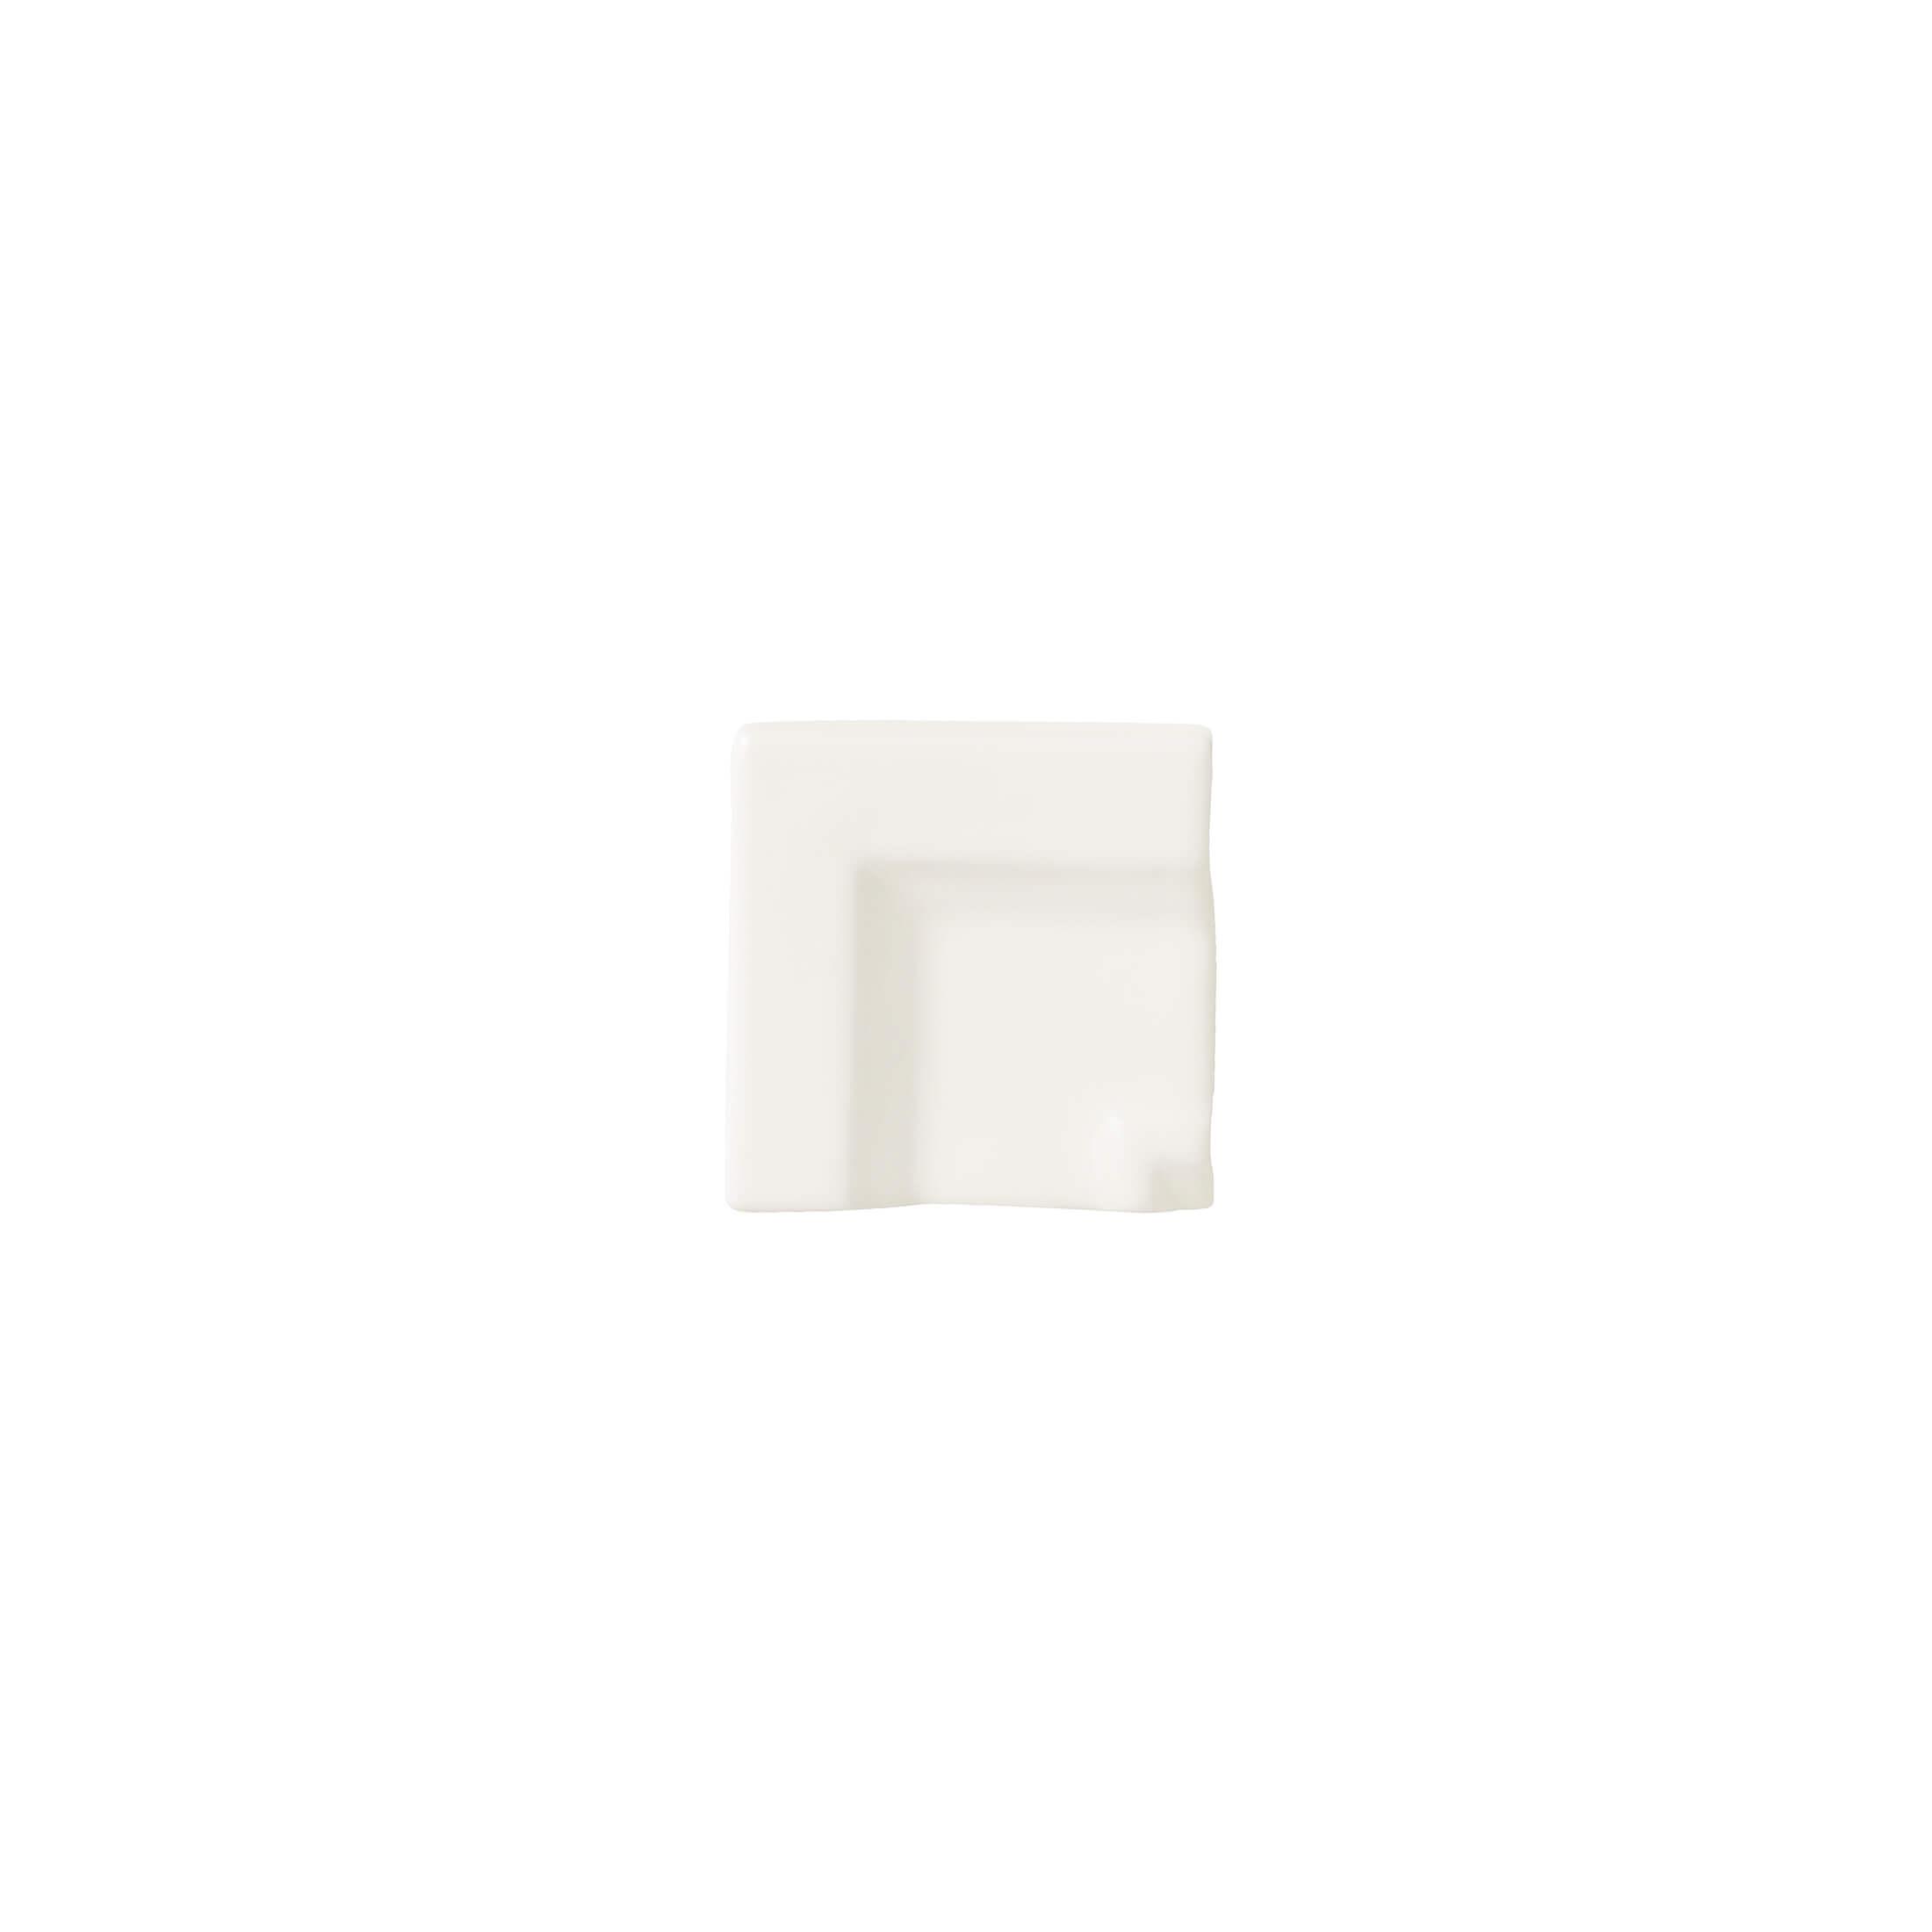 ADNE5516 - ANGULO MARCO CORNISACLASICA - 7.5 cm X 15 cm